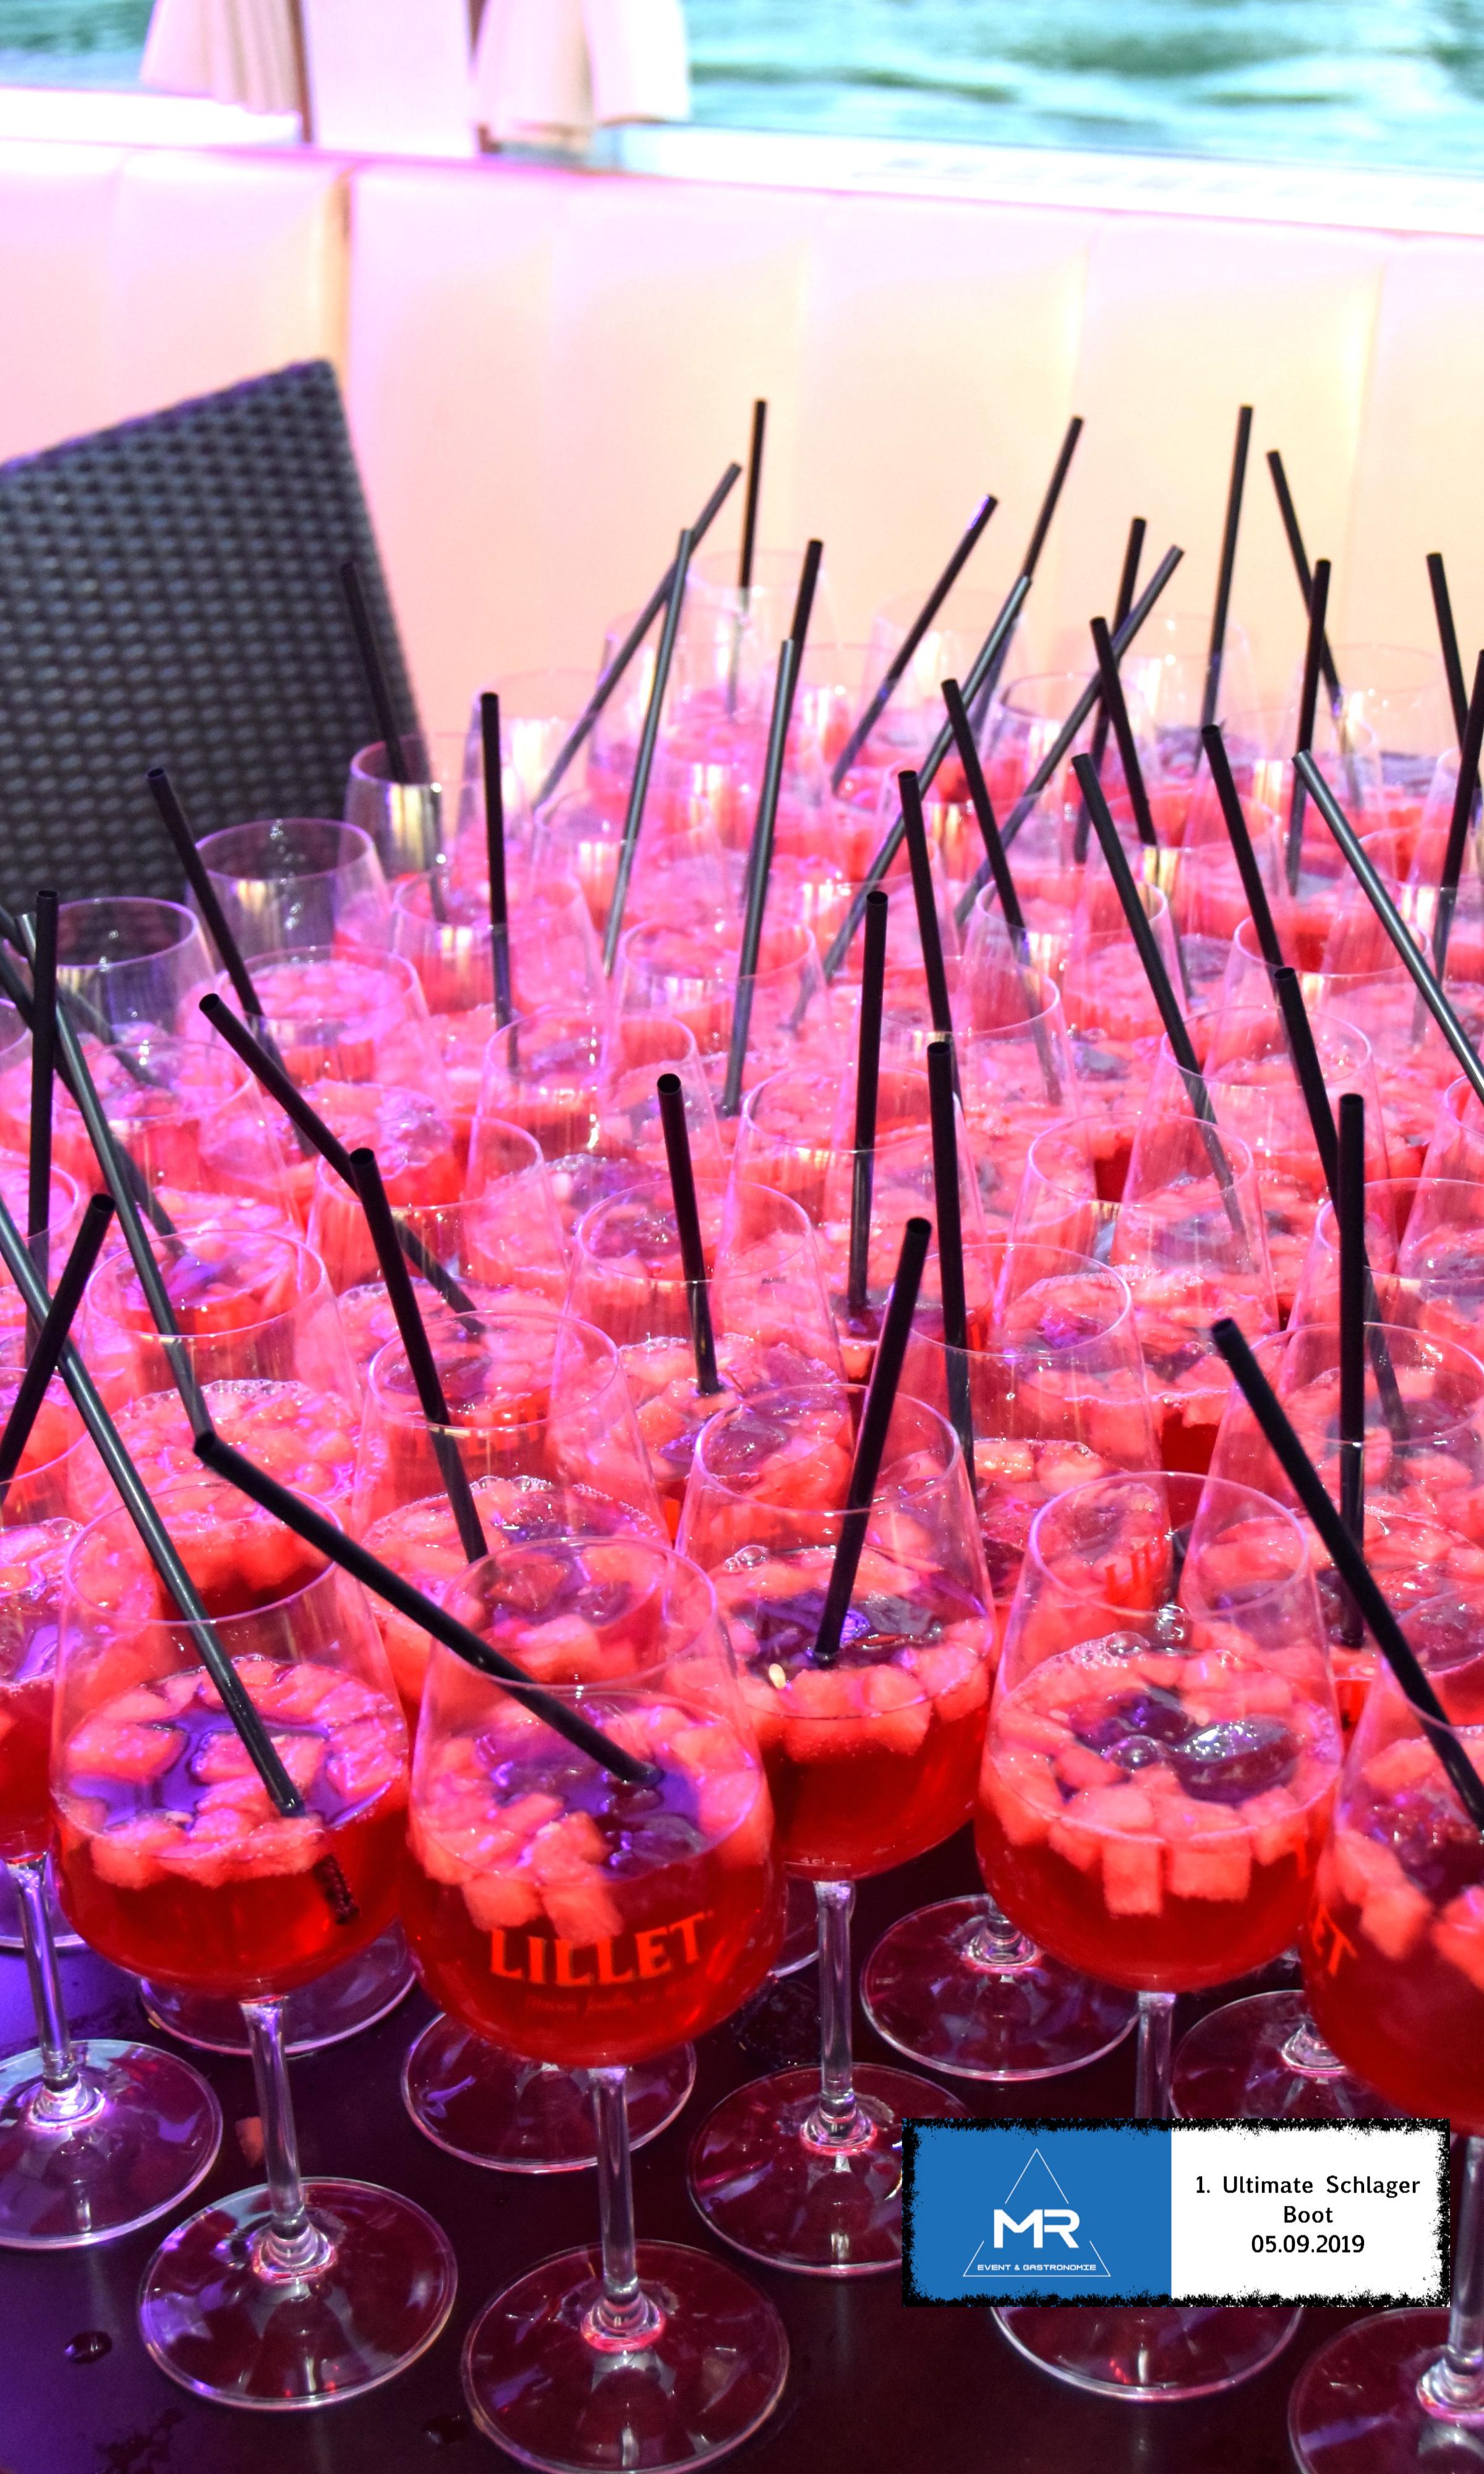 MR Event & Gastronomie Drink Lillet Wassermelone